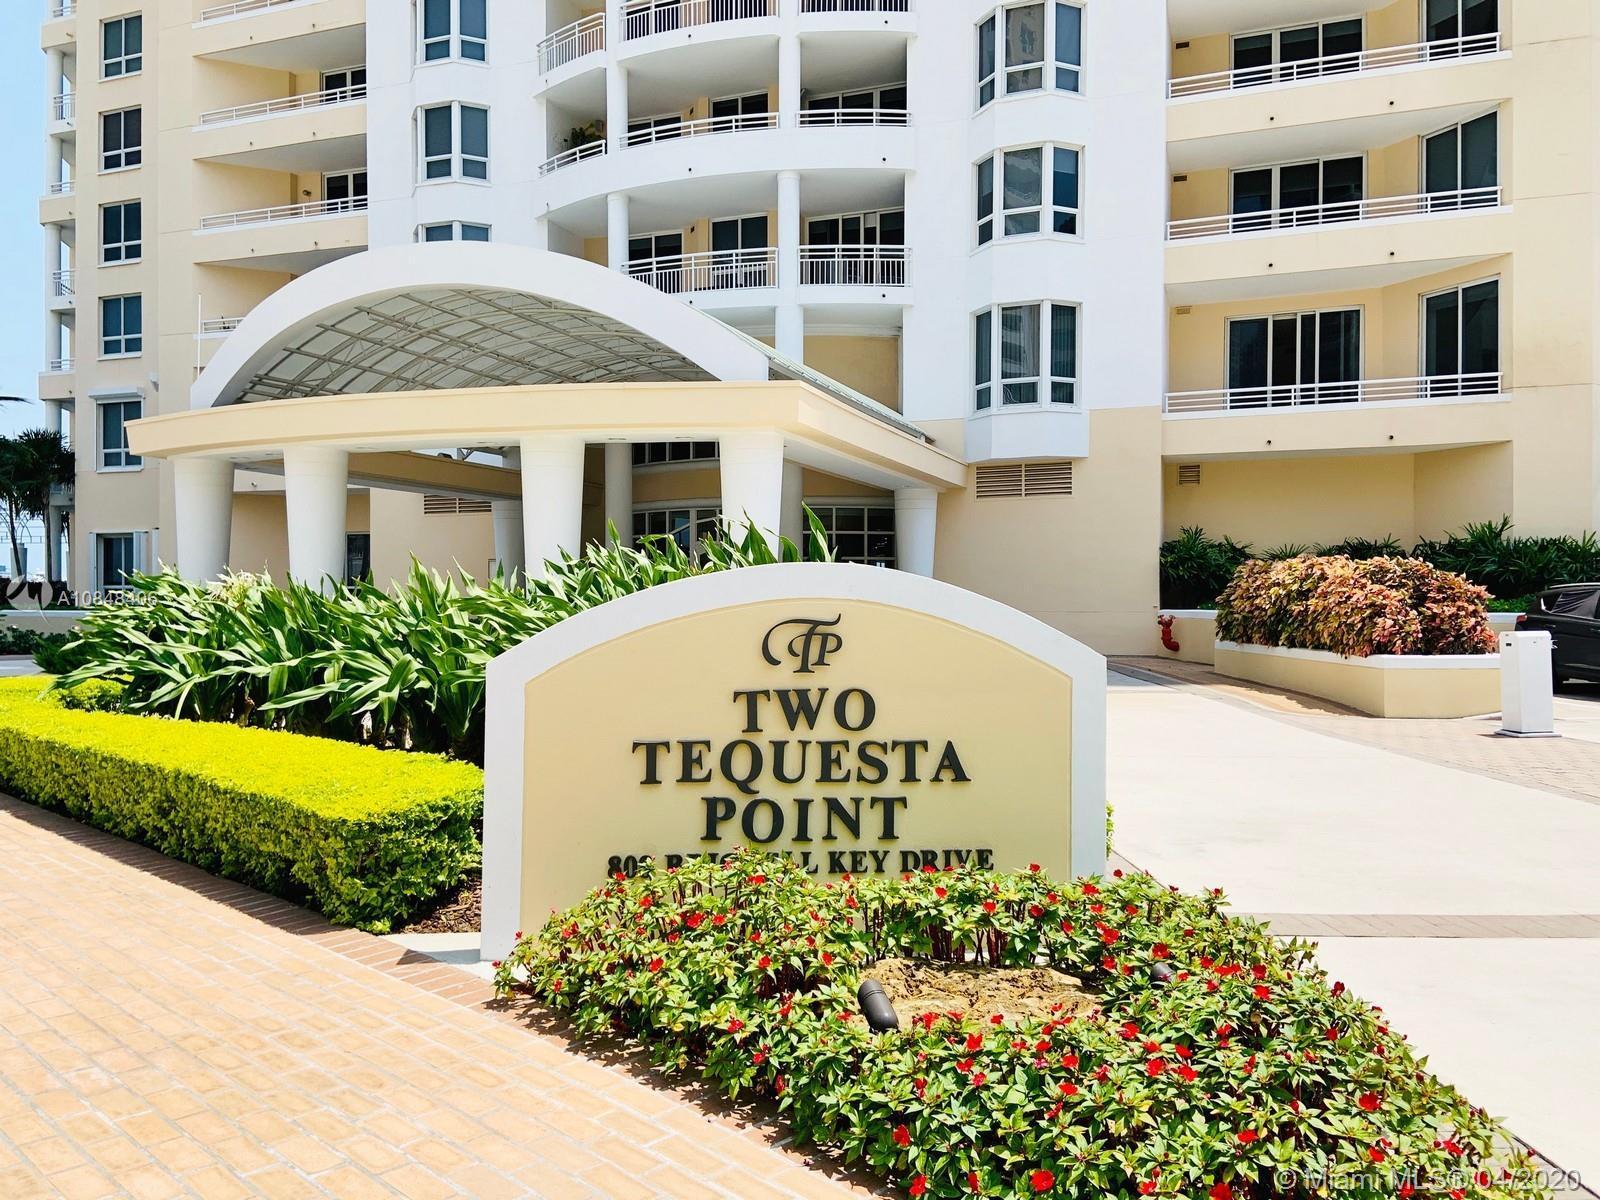 Two Tequesta Point - Квартиры на продажу